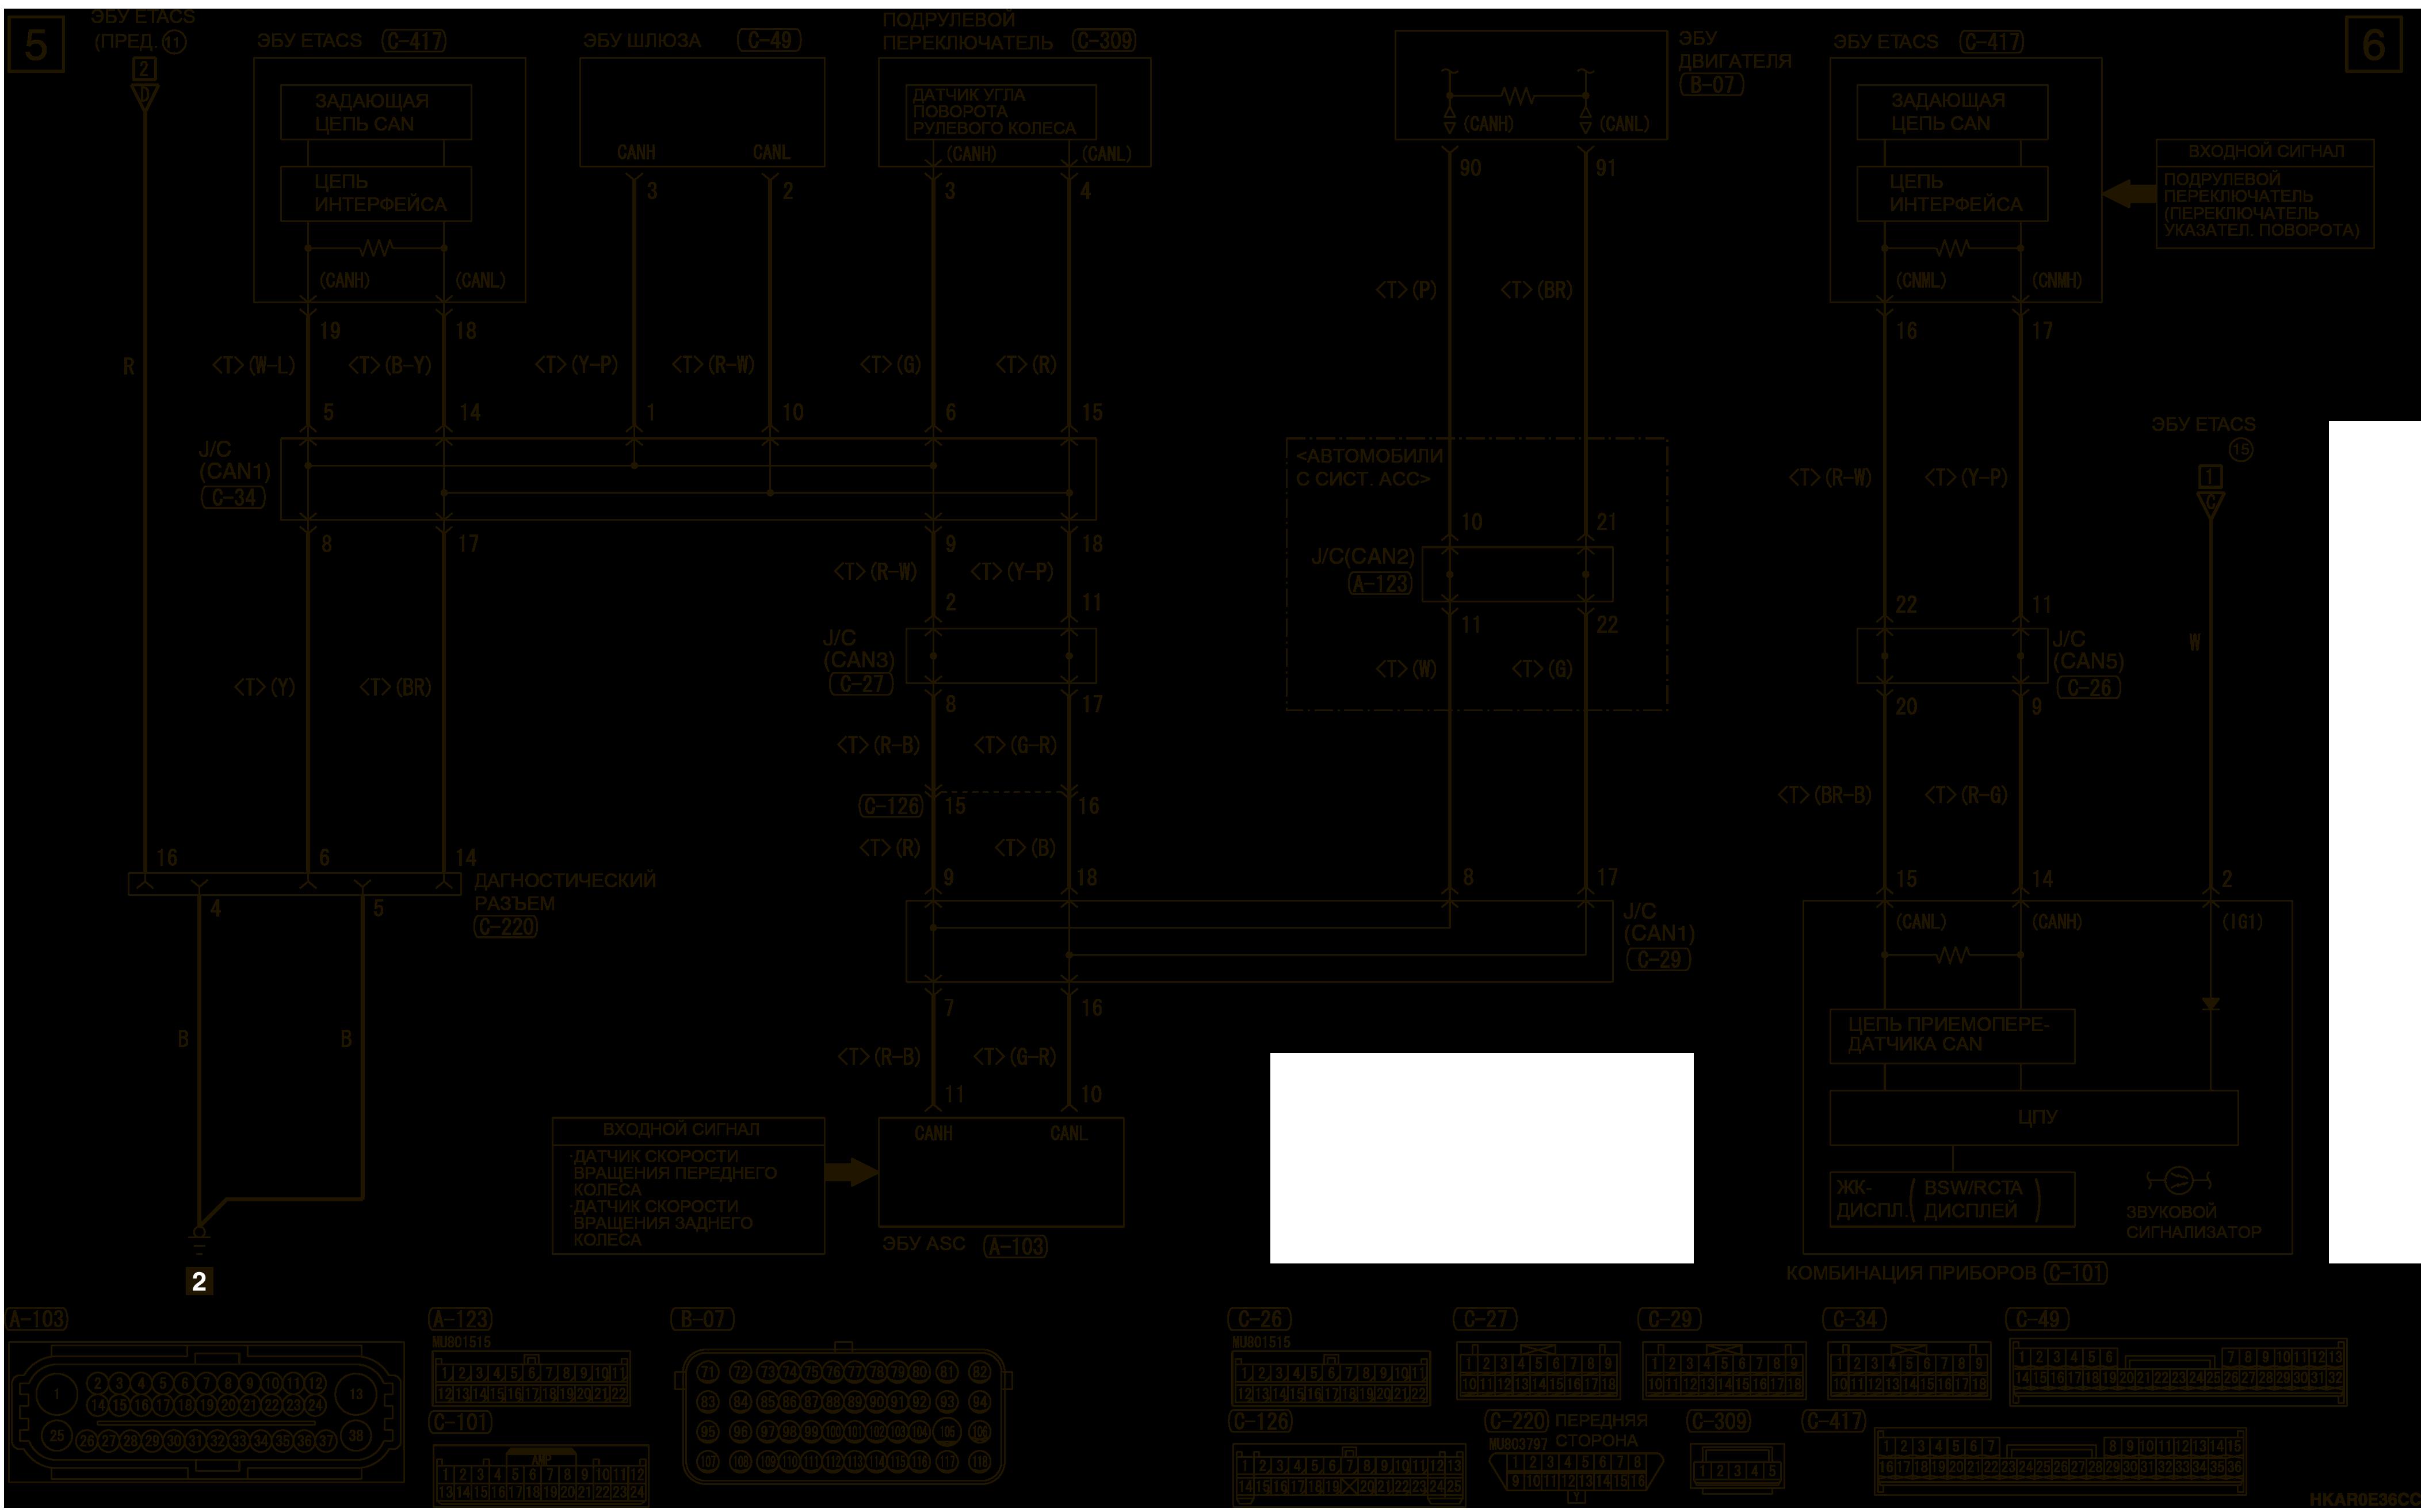 mmc аутлендер 3 2019 электросхемаСИСТЕМА МОНИТОРИНГА СЛЕПЫХ ЗОН [BSW] (С СИСТЕМОЙ ПОМОЩИ ПРИ СМЕНЕ ПОЛОСЫ)/СИСТЕМОЙ ОПОВЕЩЕНИЯ ОБ ОБЪЕКТАХ, ДВИЖУЩИХСЯ В ПОПЕРЕЧНОМ НАПРАВЛЕНИИ ПОЗАДИ АВТОМОБИЛЯ (RCTA) ПРАВОСТОРОННЕЕ УПРАВЛЕНИЕ